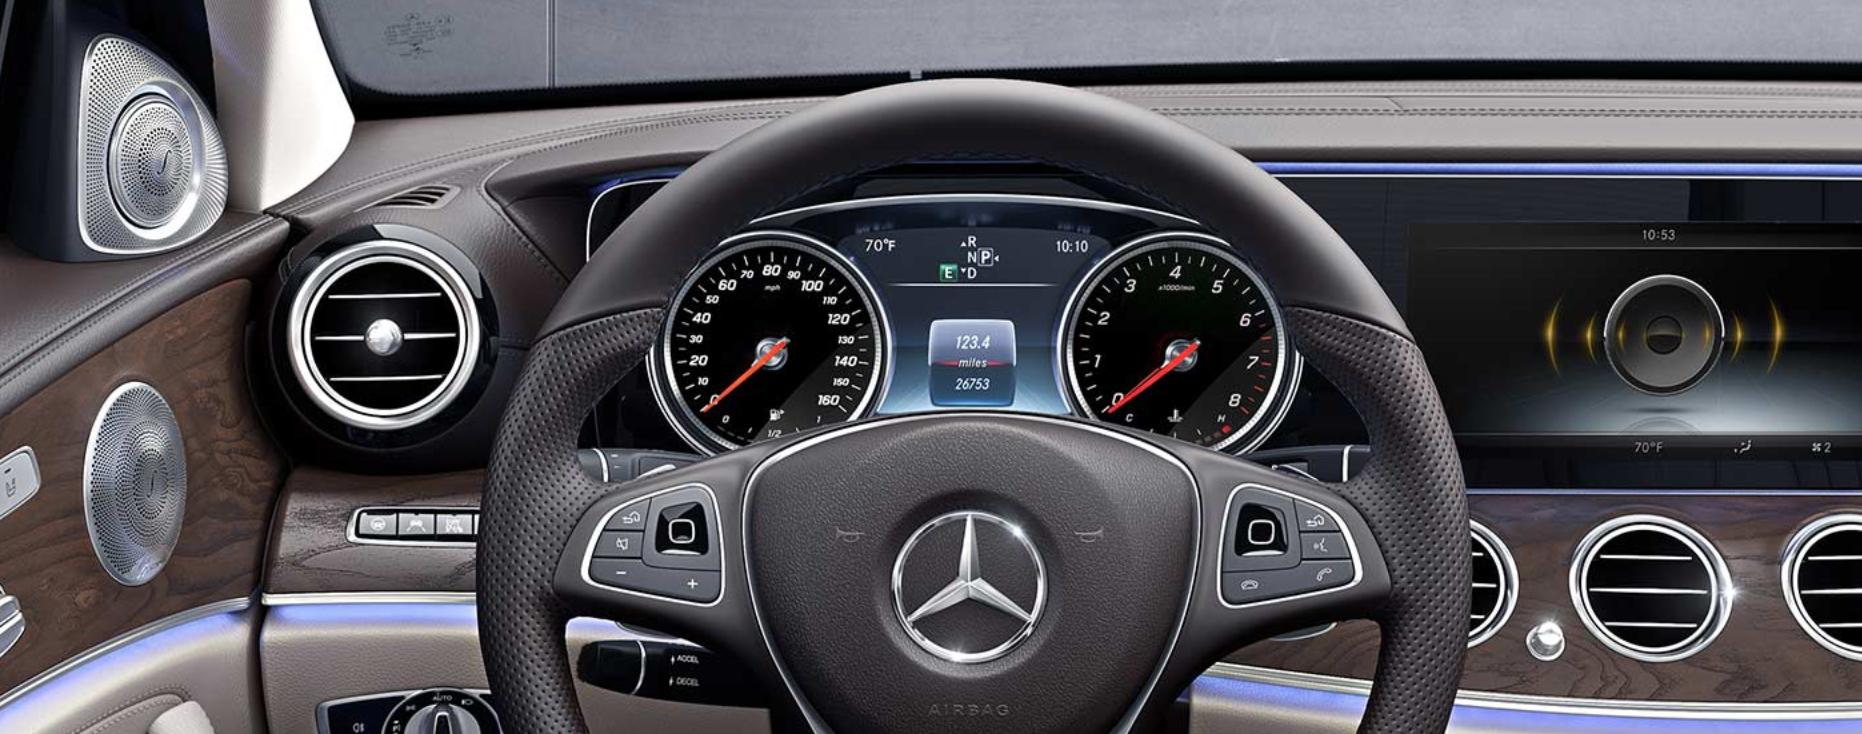 The 2018 Mercedes-Benz E-Class Gets an AI Upgrade - InsideHook